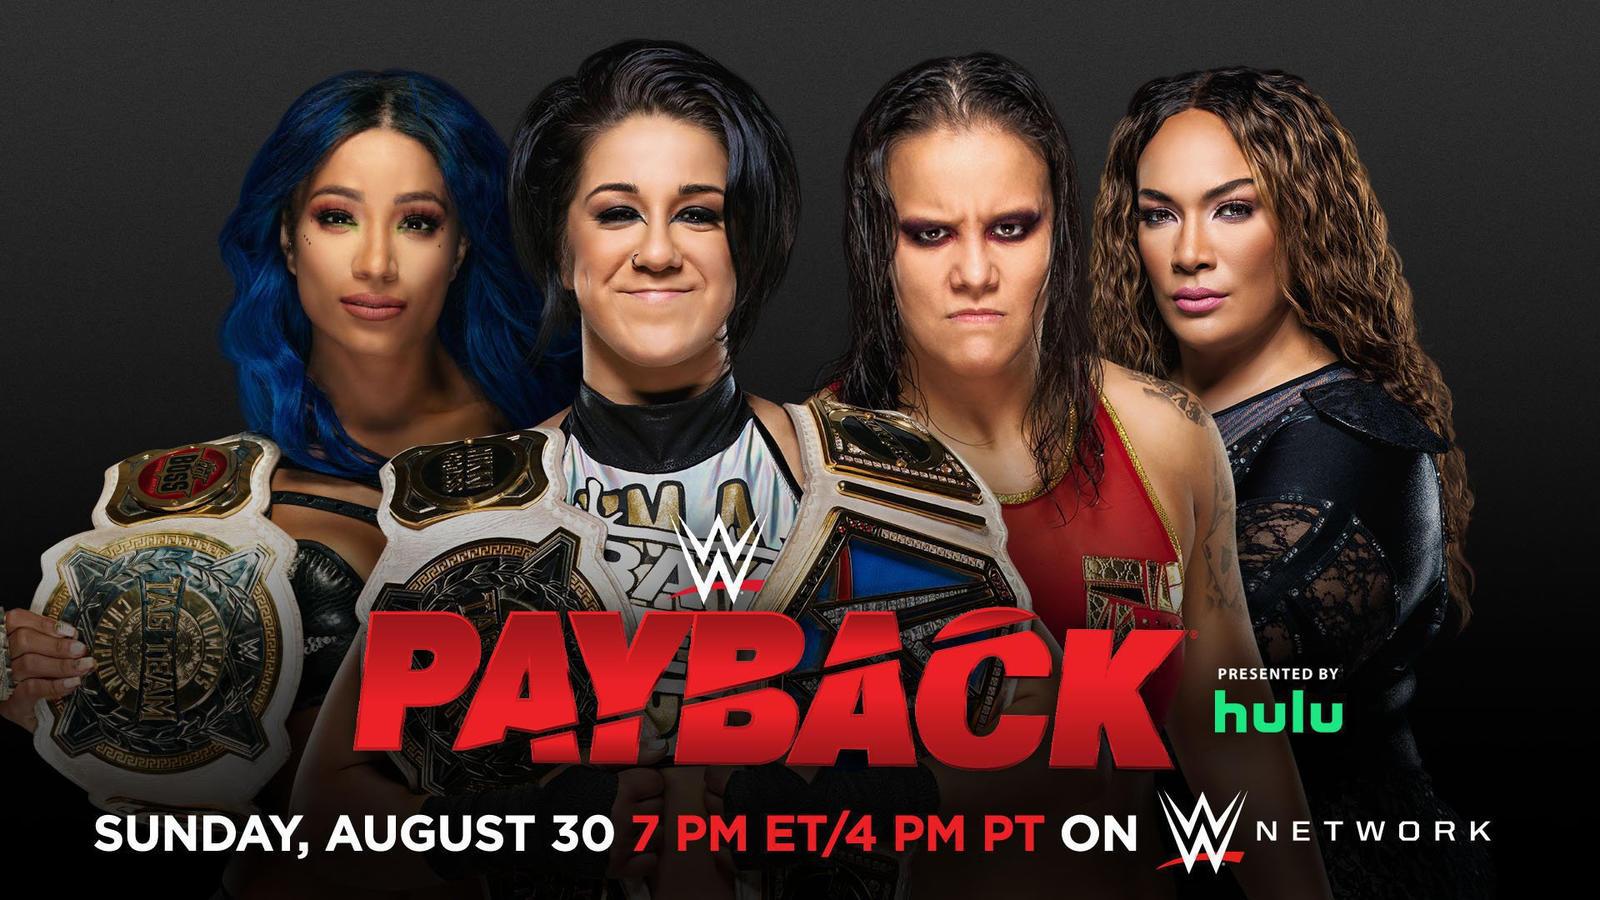 https://www.wwe.com/f/styles/wwe_16_9_xxl/public/all/2020/08/20200824_Payback_sponsor_FC_bayley--caecefef39a4a7535d7583c3c993af24.jpg